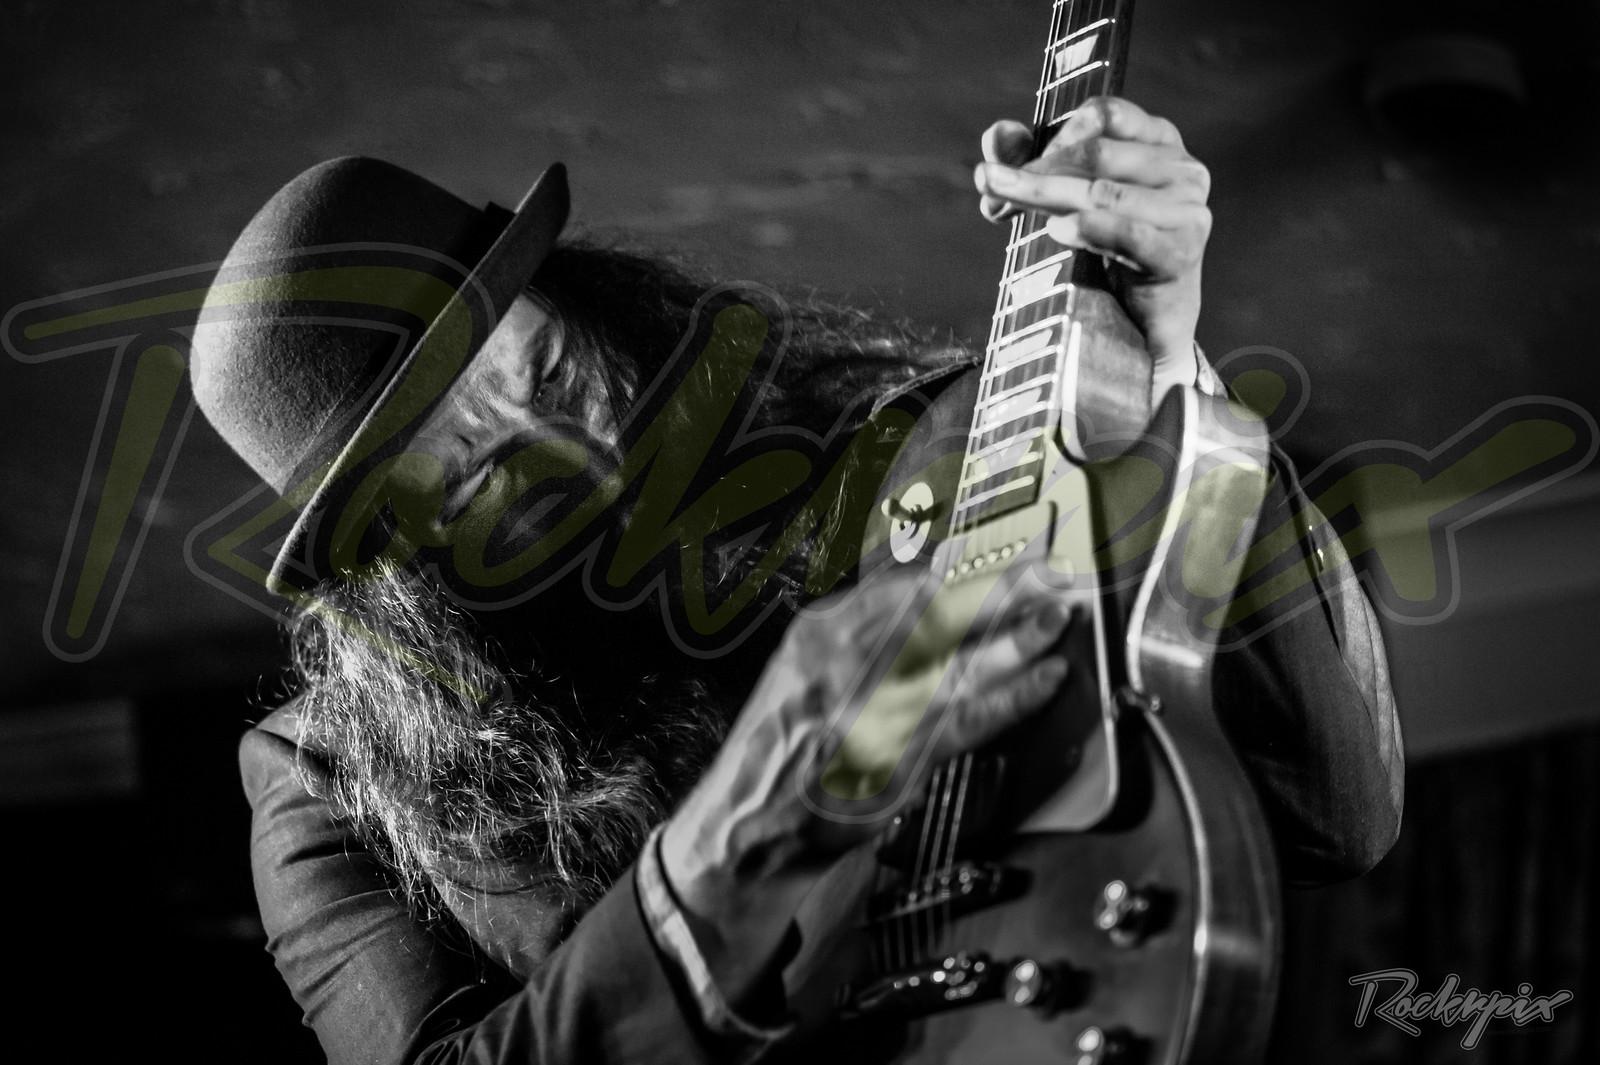 ©Rockrpix - Mike Ross